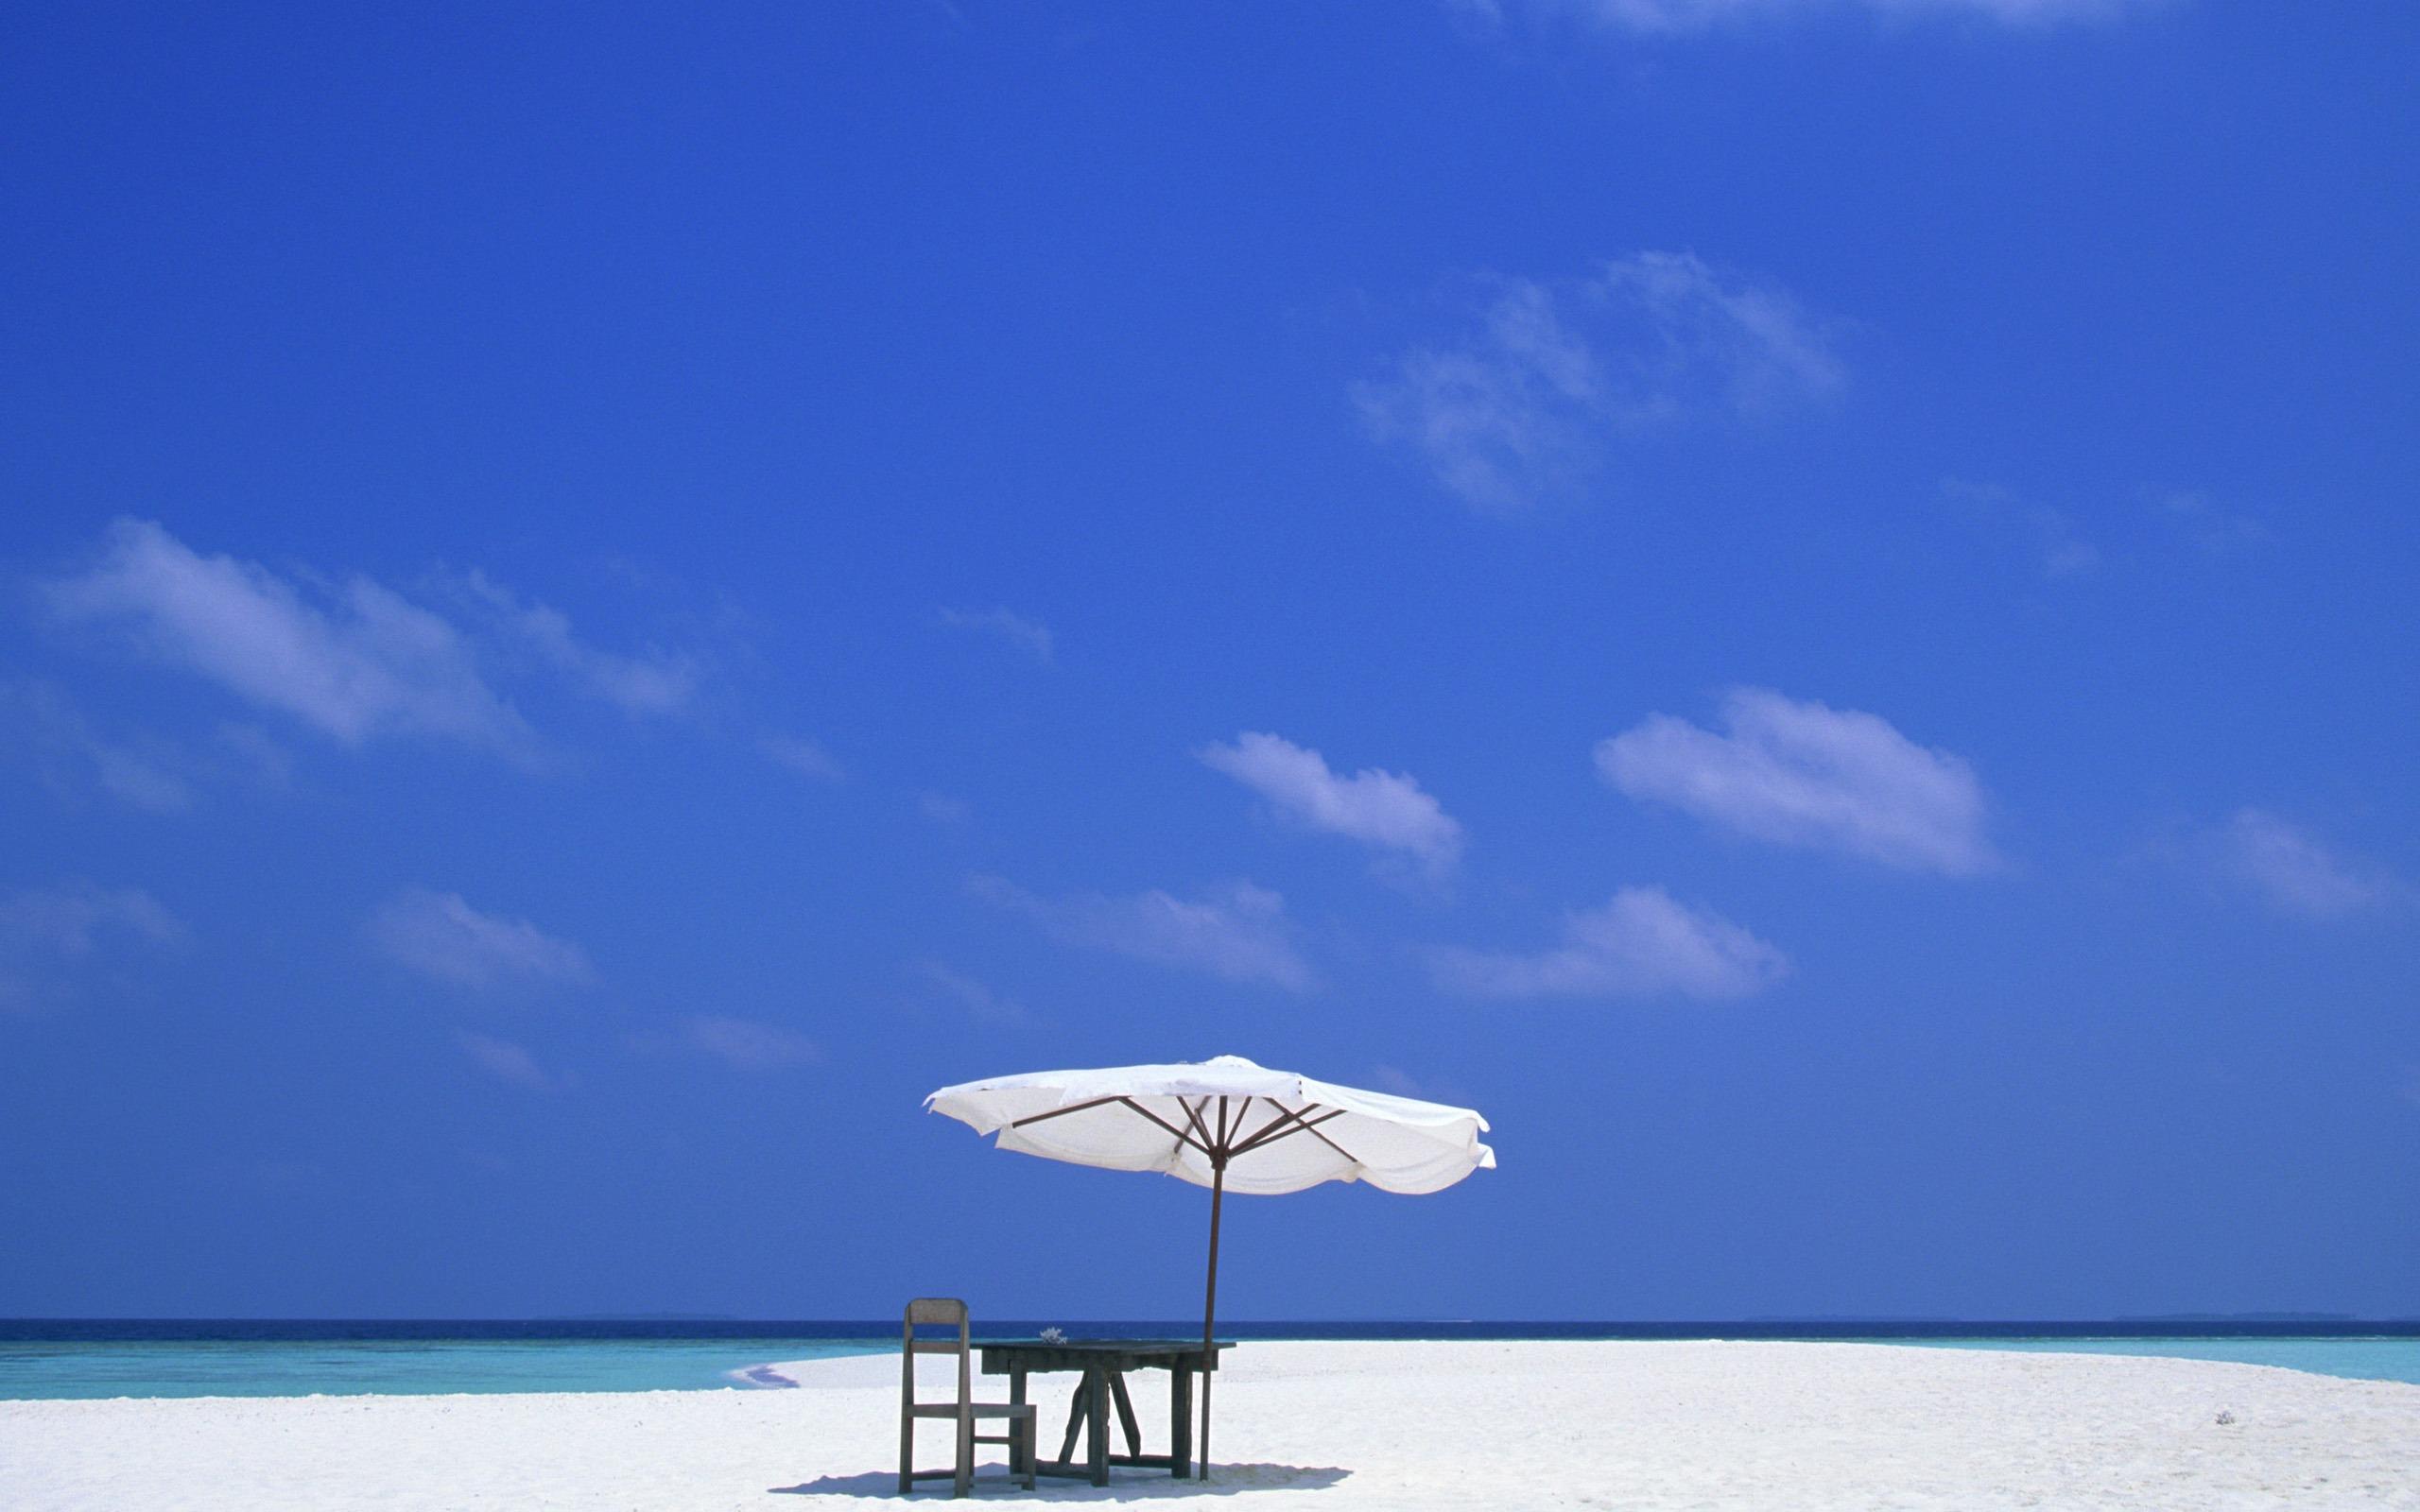 Beaches Ocean Sky Paradise Time Chair Nature Summer Beach Sea